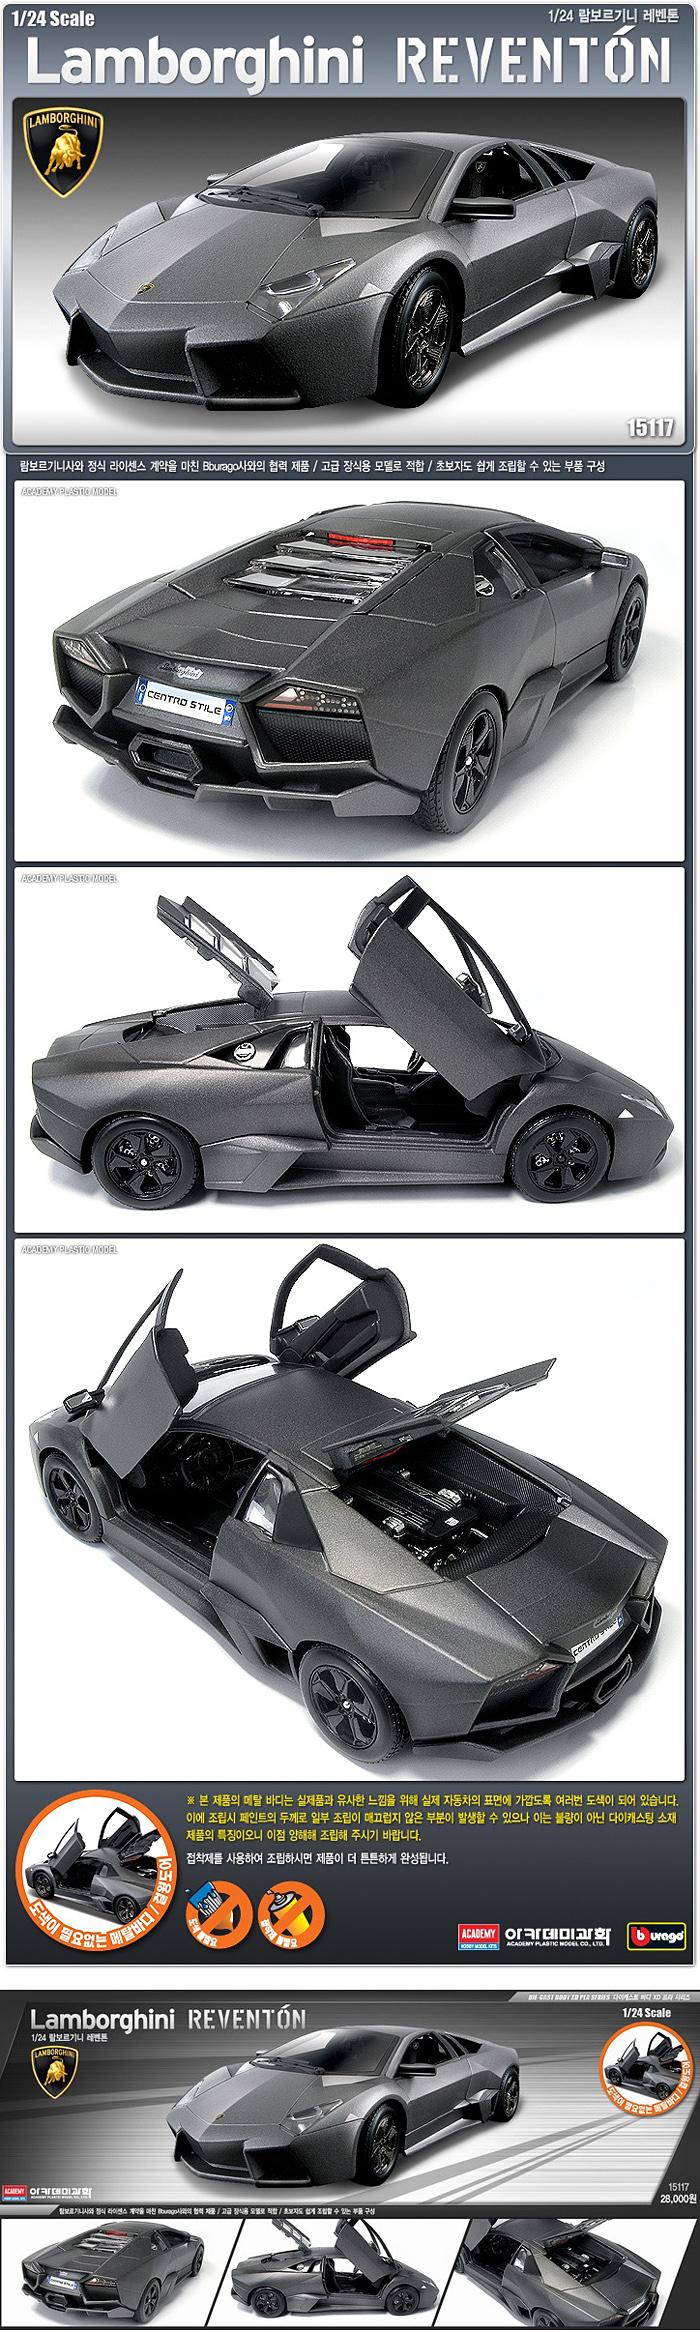 1-24 람보르기니 레벤톤 (도장된 메탈바디 프라모델) - 아카데미과학, 28,000원, 자동차/바이크 프라모델, 자동차 프라모델